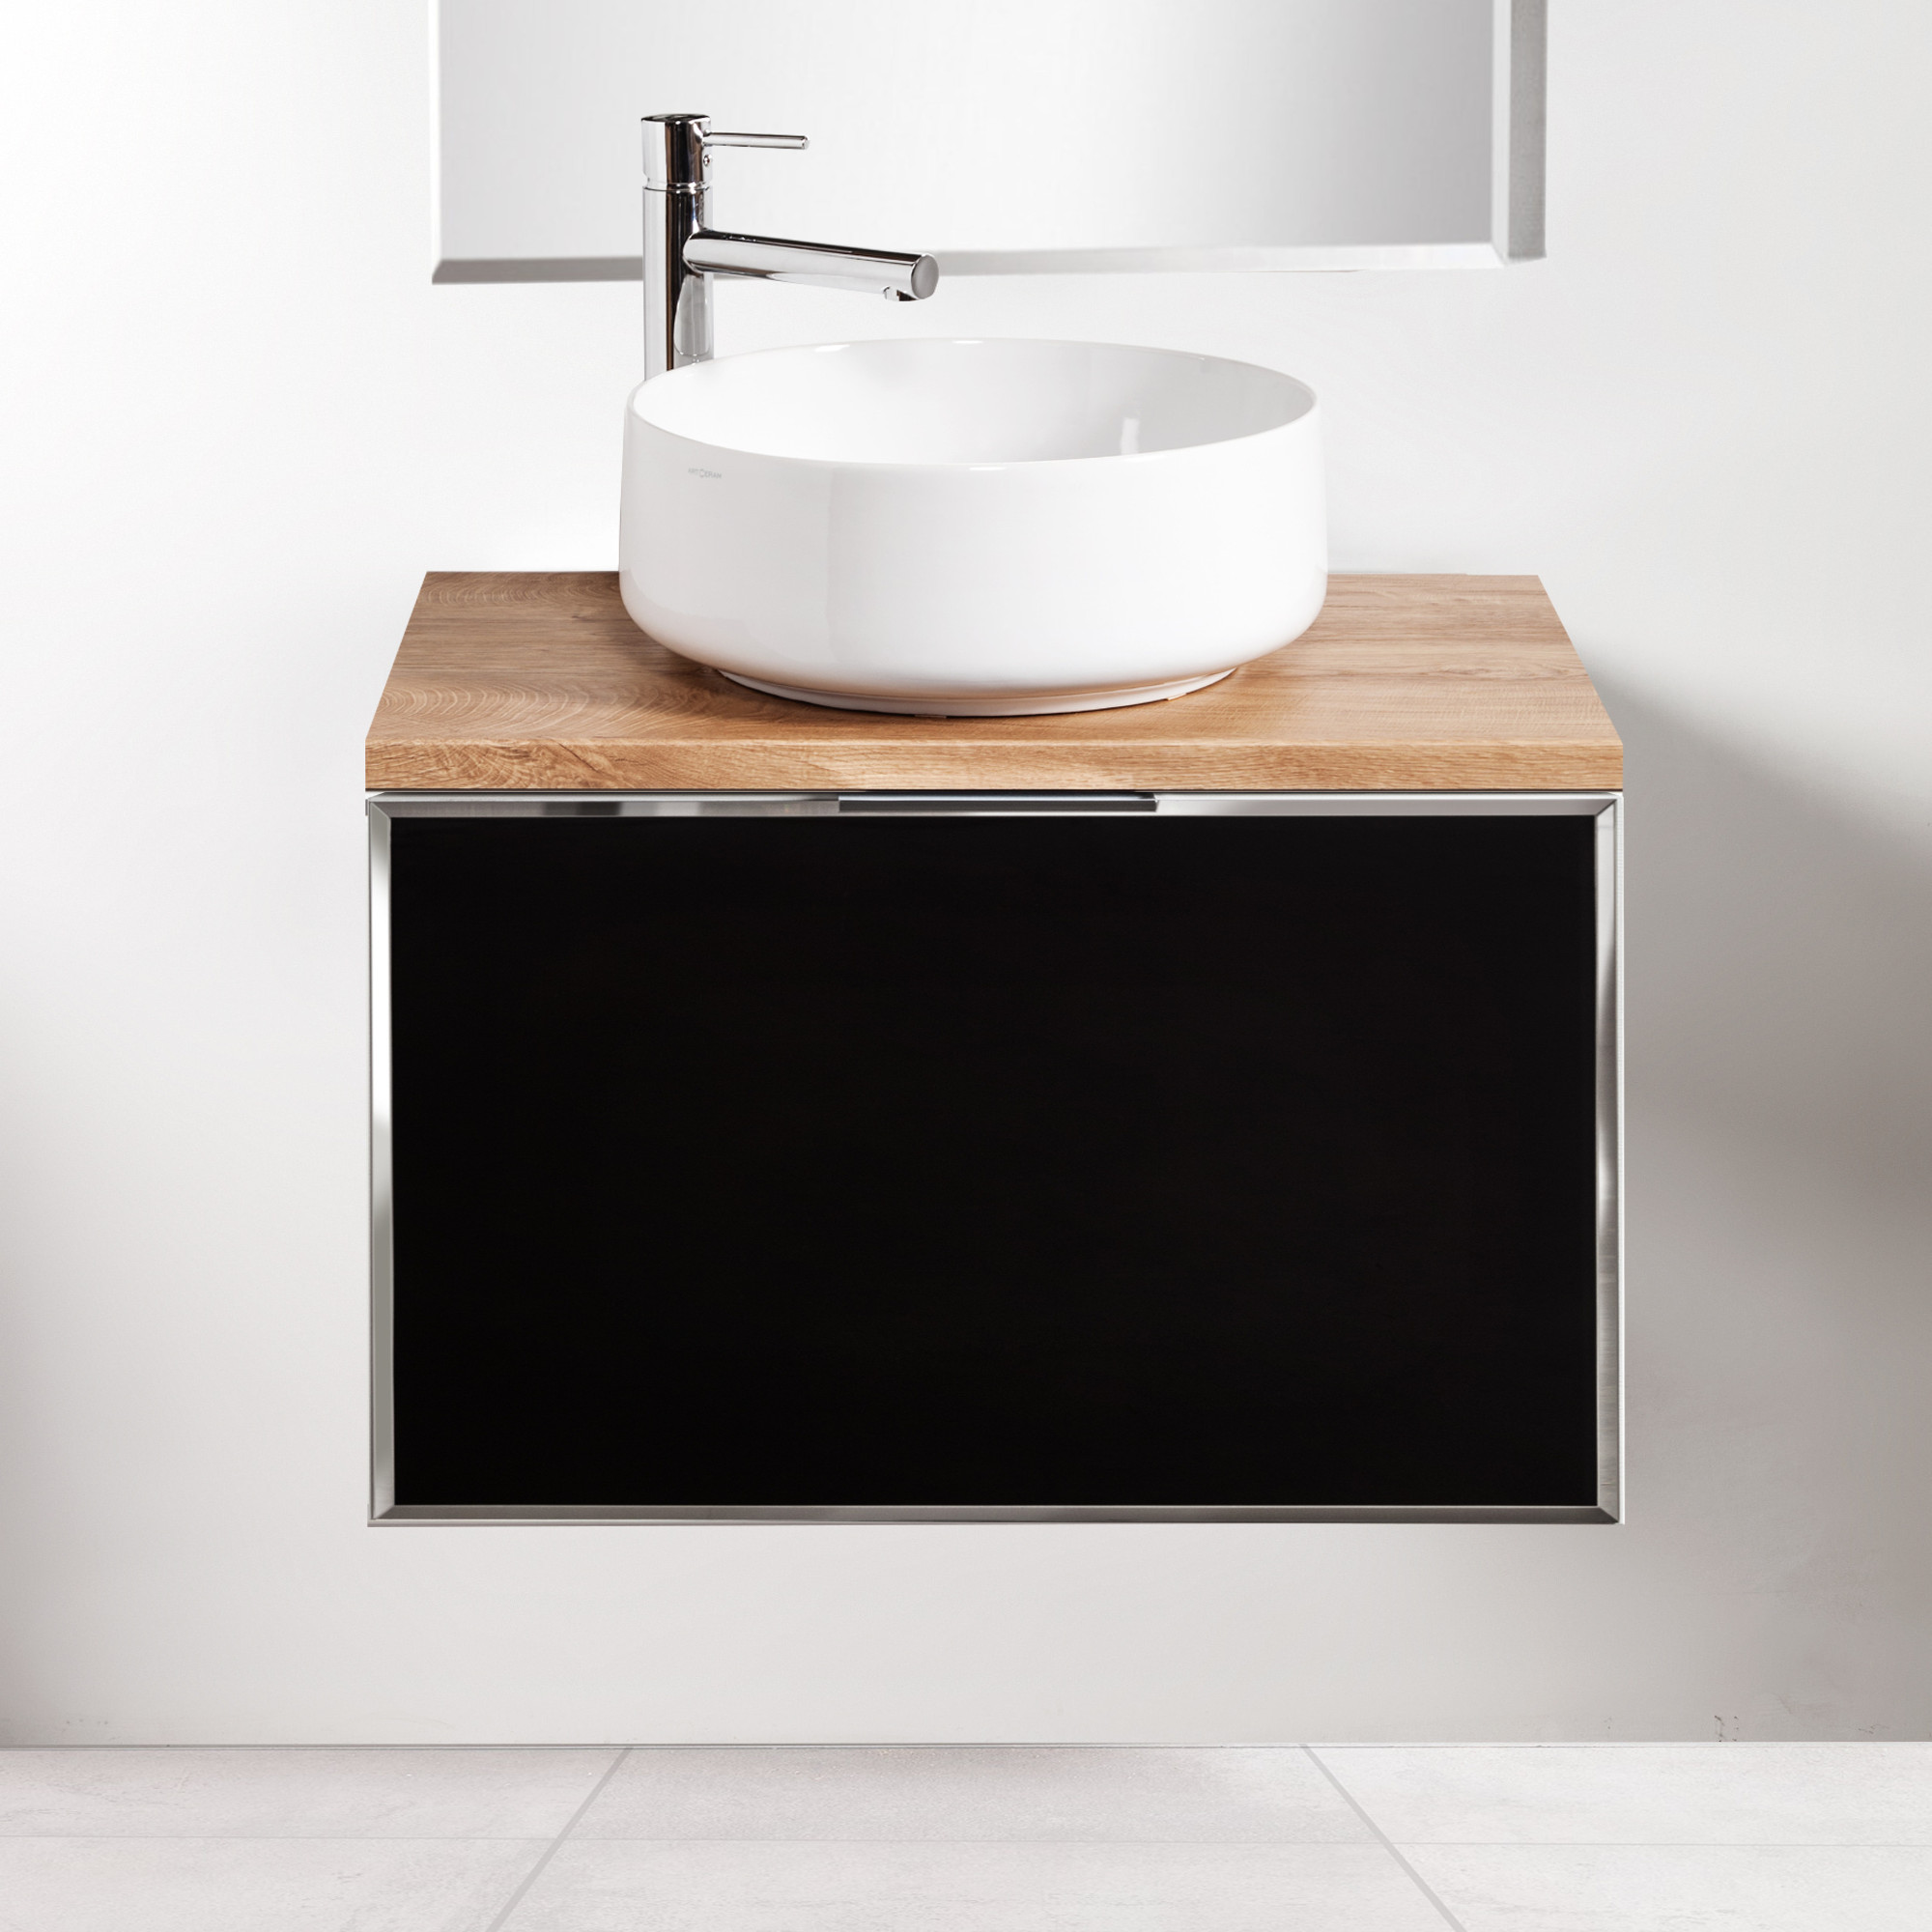 Szafka łazienkowa Sanitti Delta 70 cm kolor frontu czarny z blatem dąb classic i umywalką Art-42